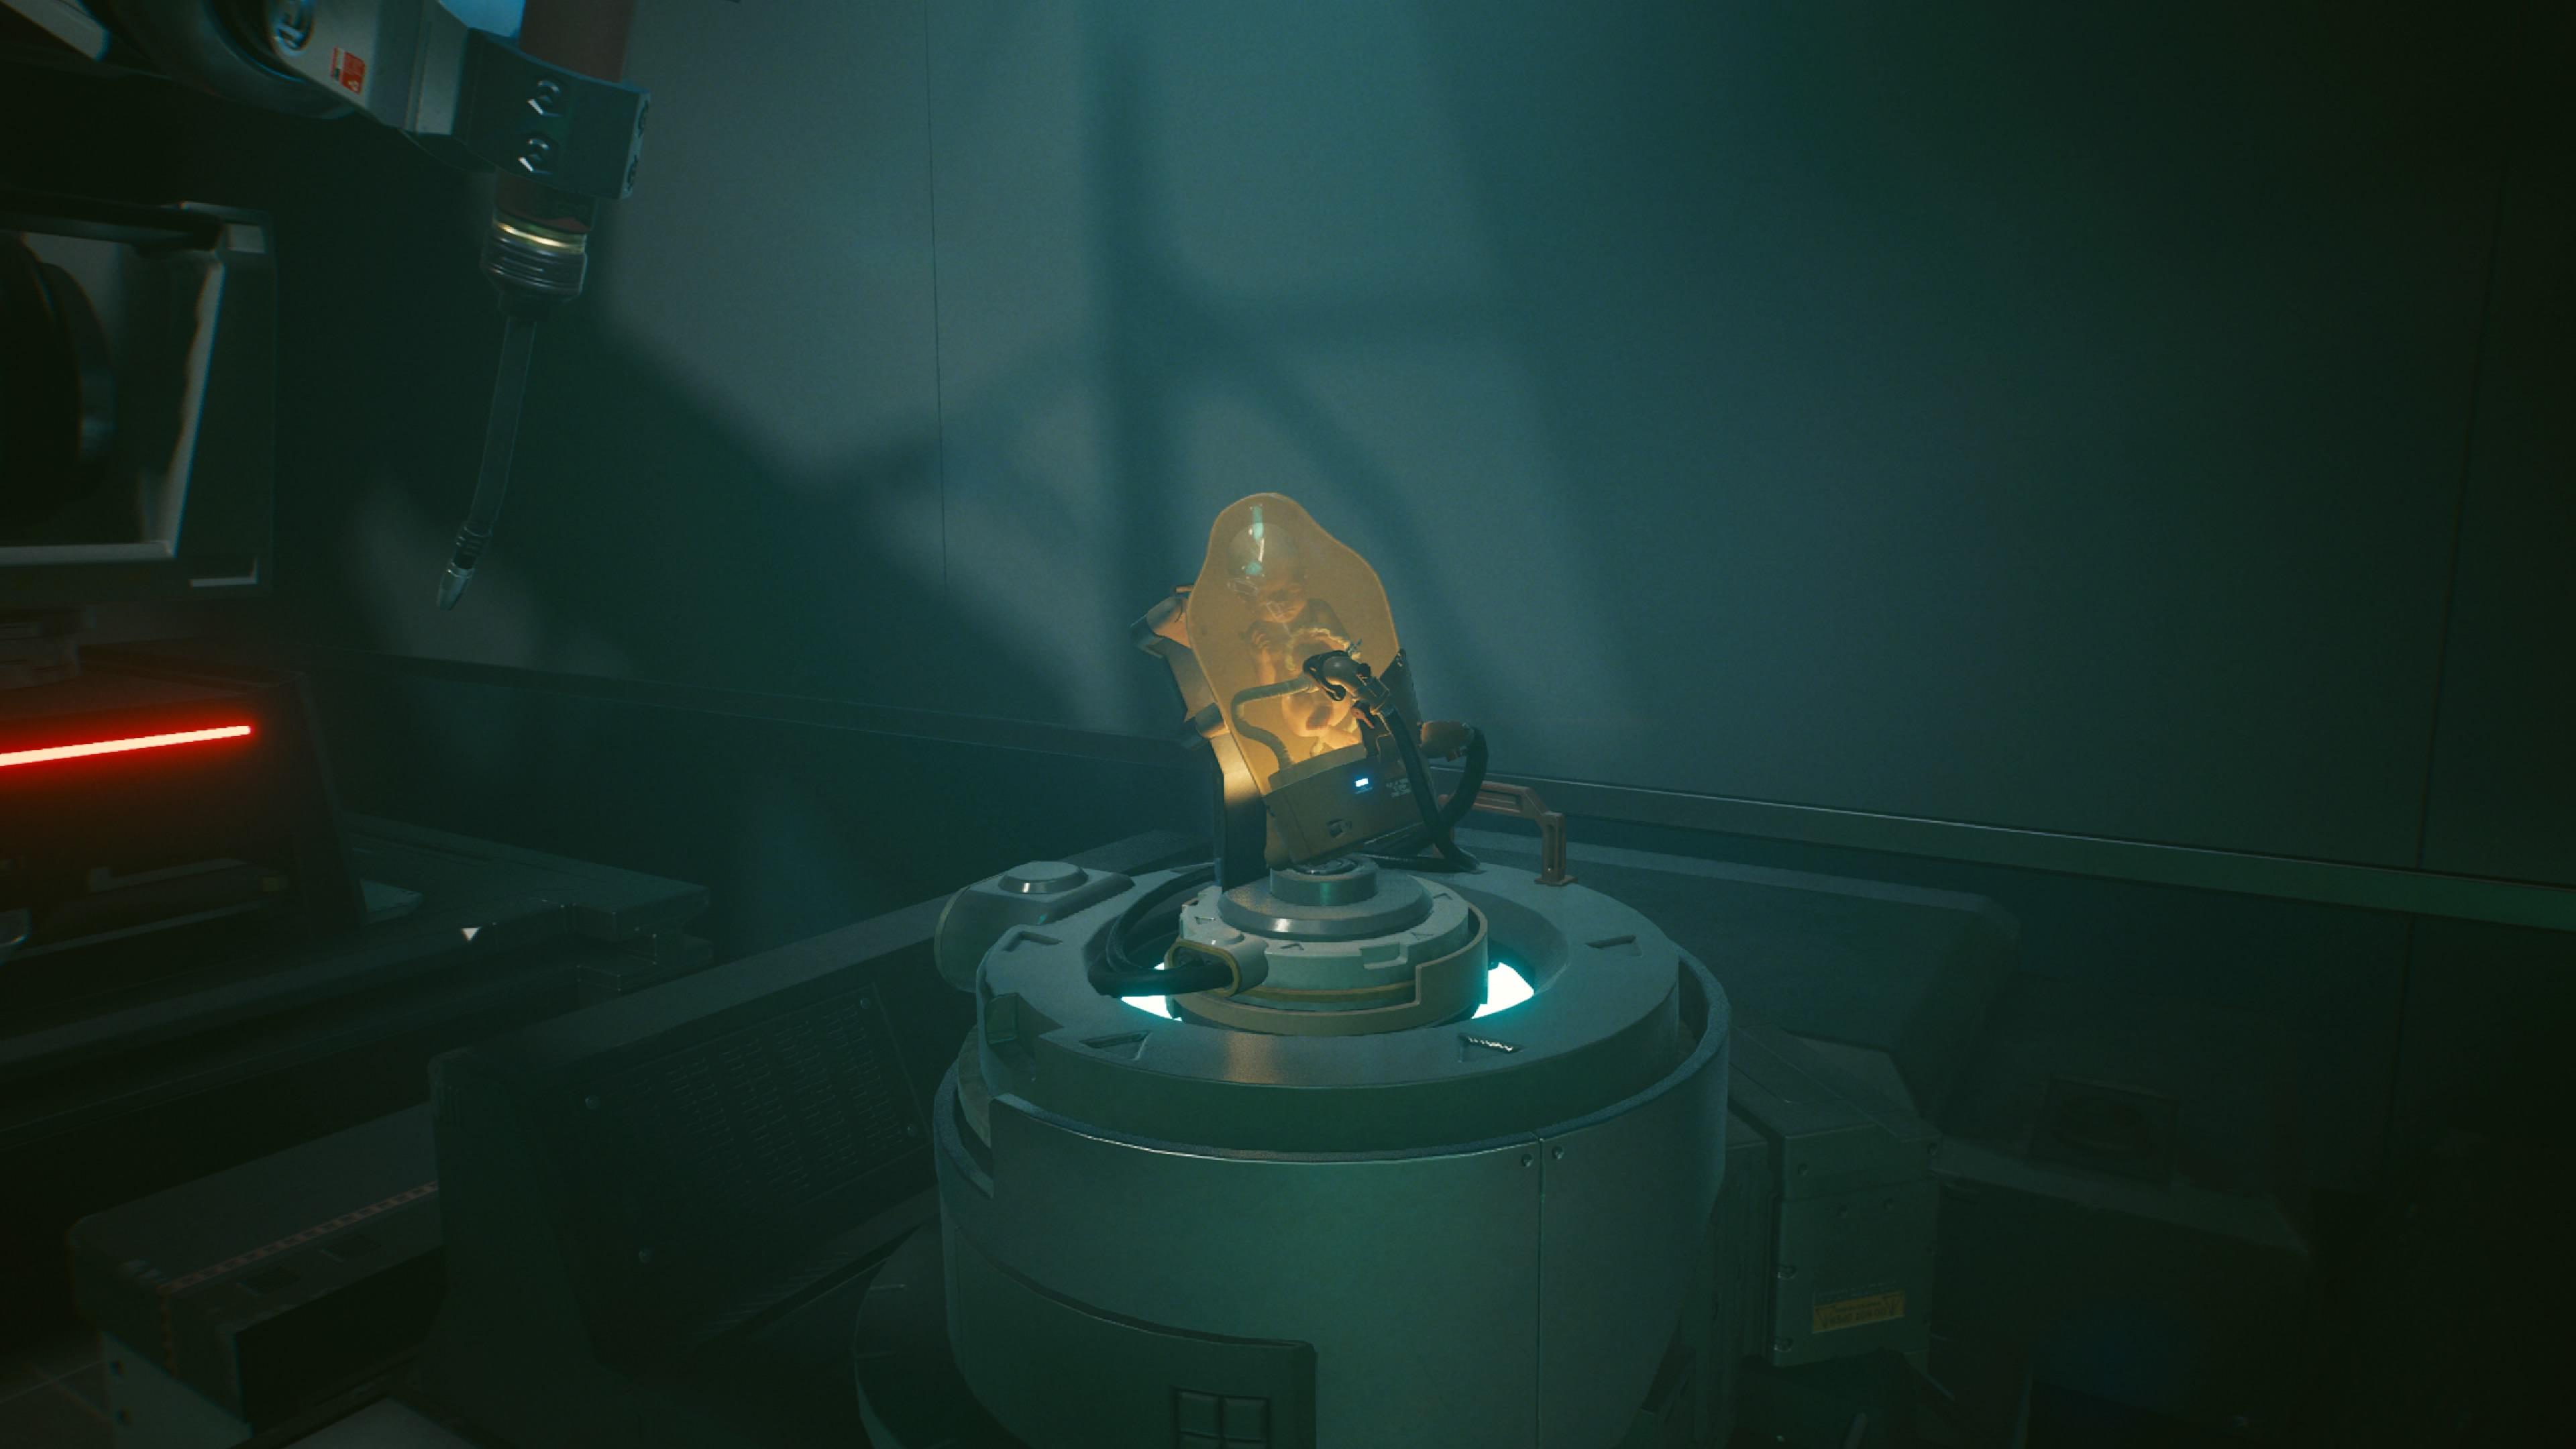 W świecie Cyberpunk 2077 możemy natrafić na BB -  kapsułę z dzieckiem z gry Death Stranding.